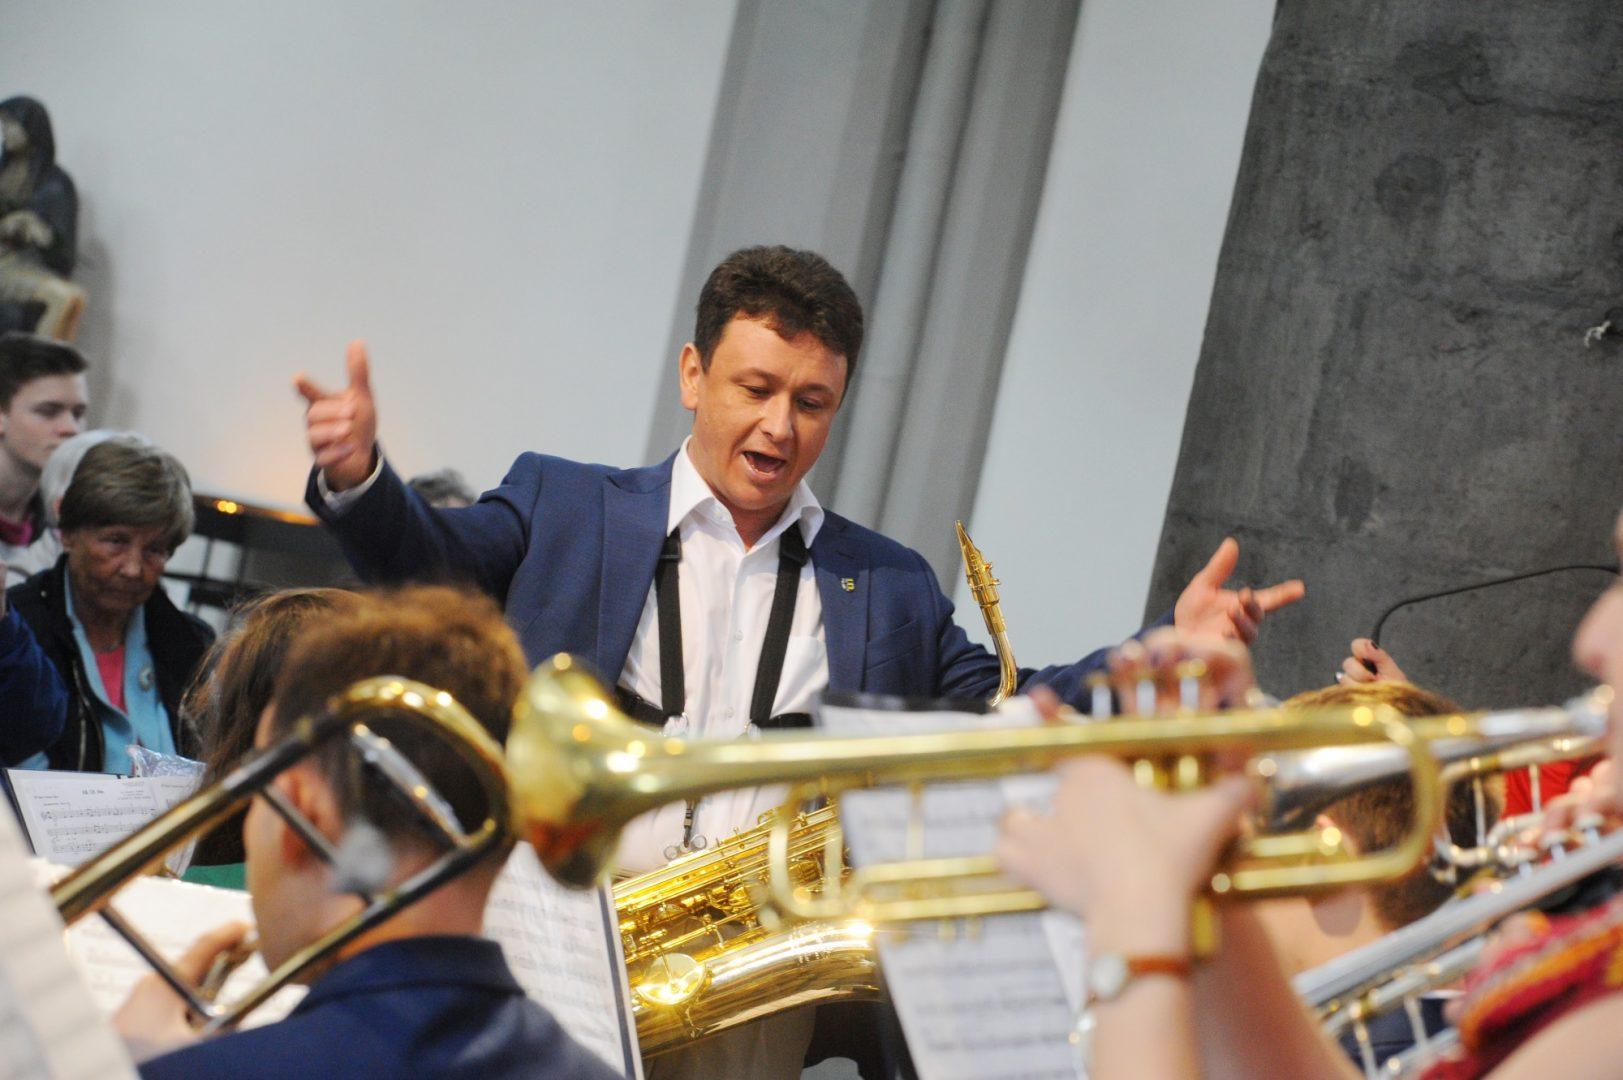 В ритме музыки: артисты из Троицка побывали на гастролях в Германии. Фото: Александр Кожохин, «Вечерняя Москва»Григорий Герасимов